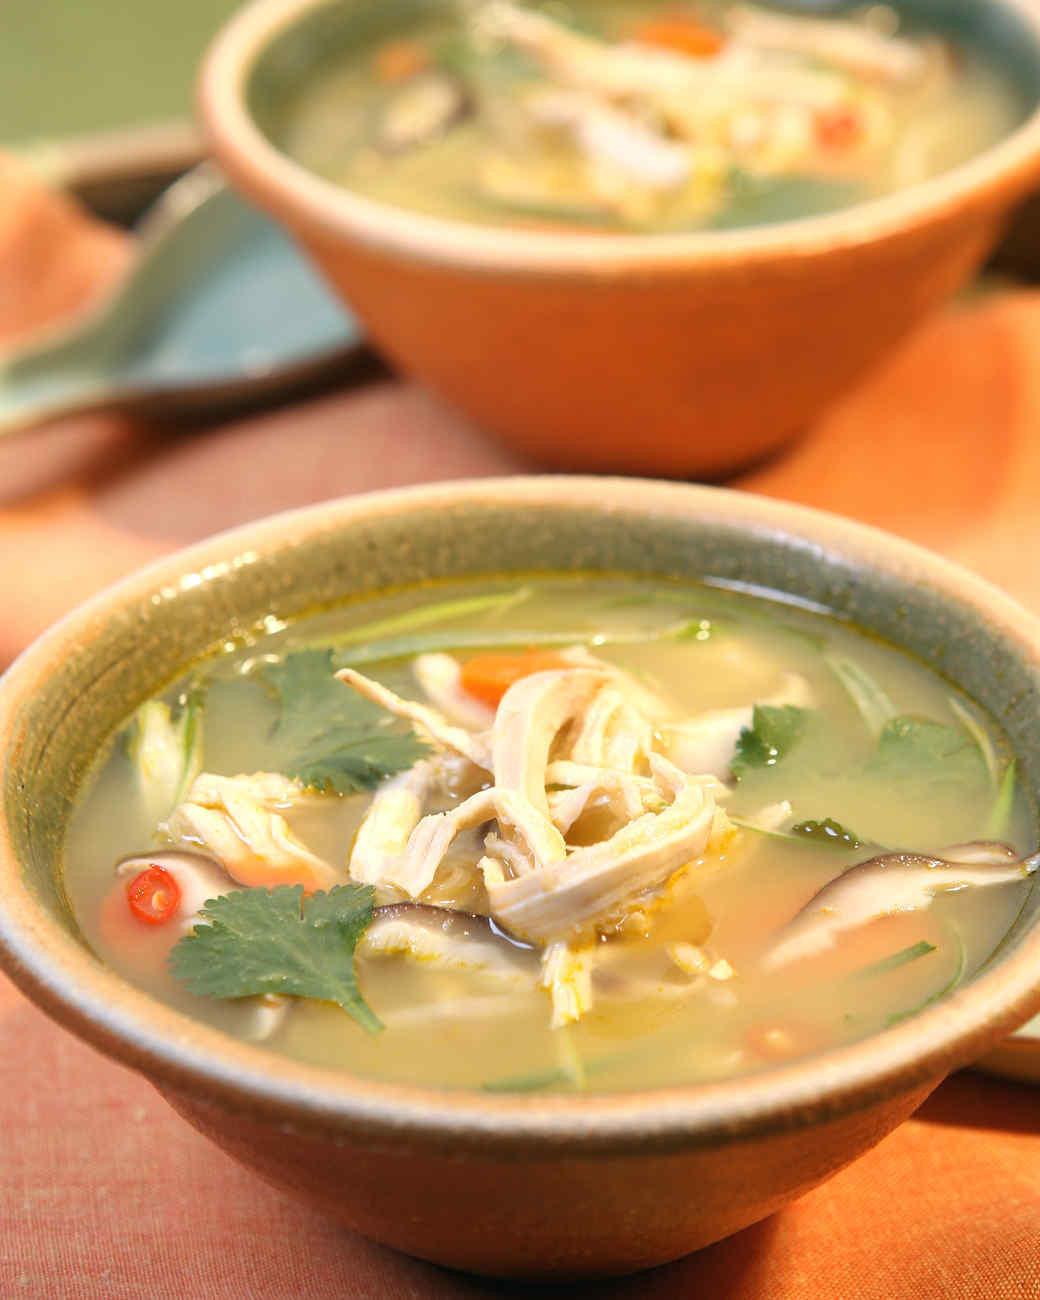 Thai Chicken Soup Recipe  Thai Chicken Soup Recipe & Video